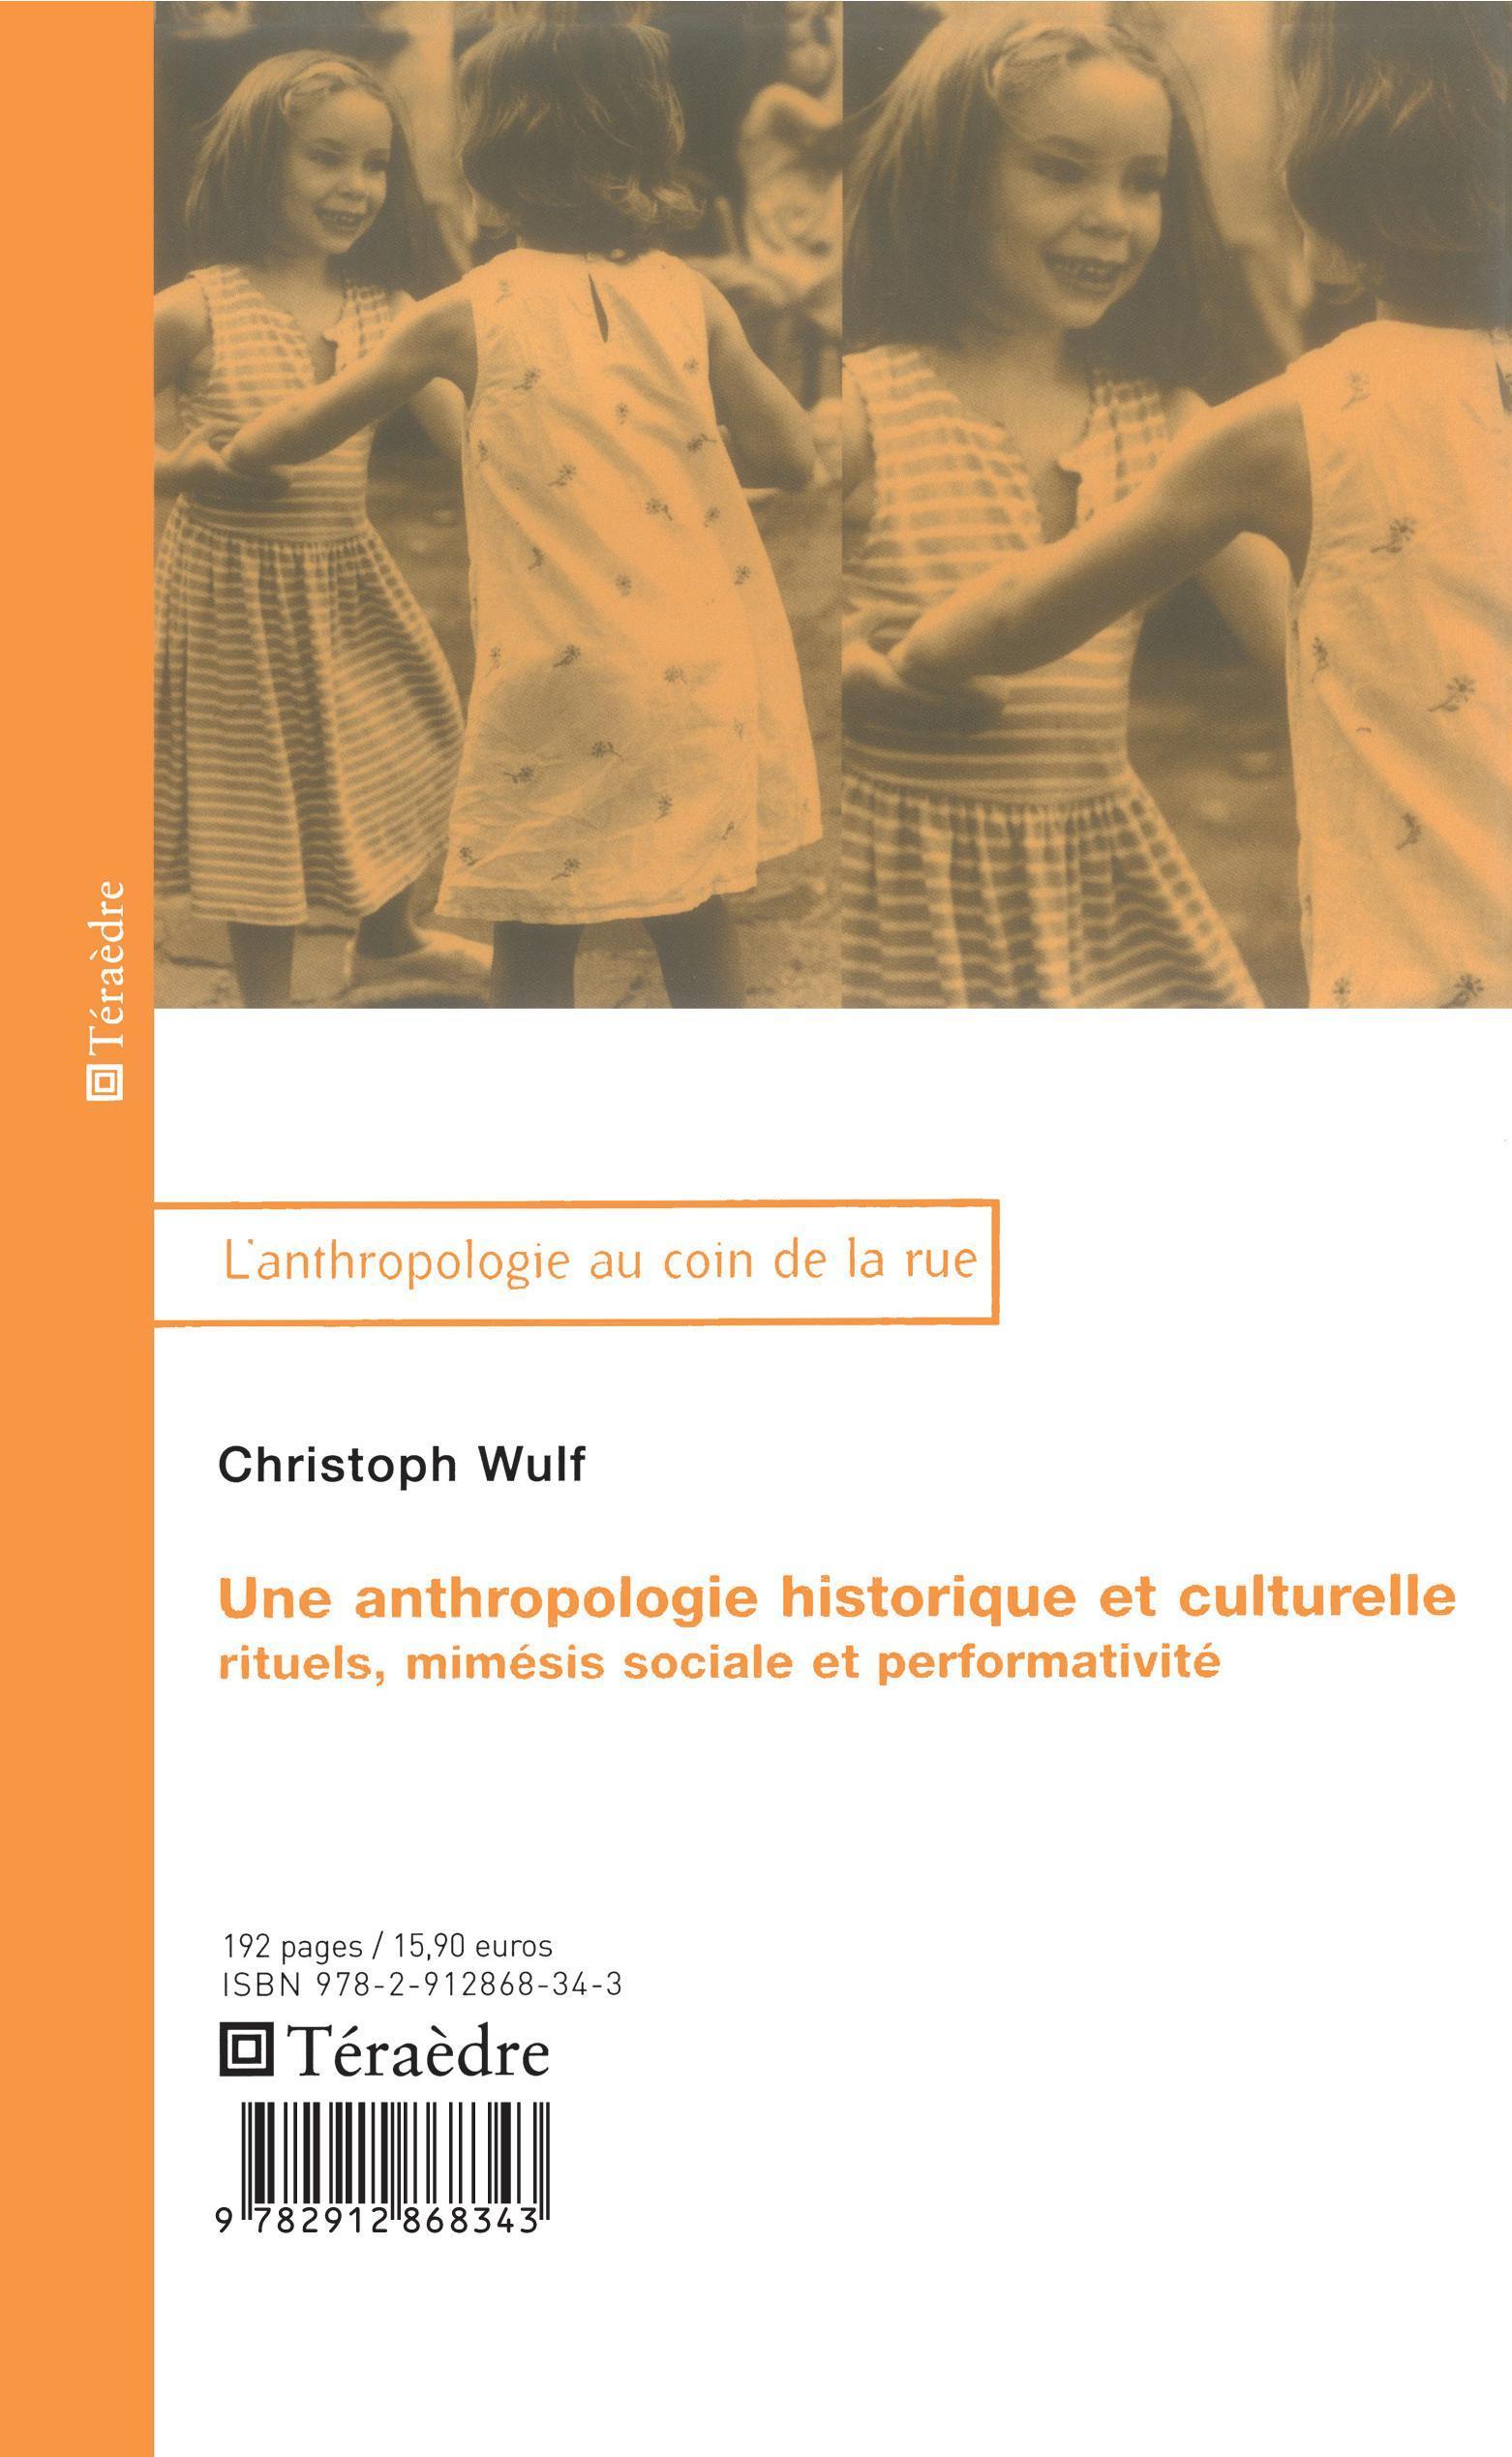 ANTHROPOLOGIE HISTORIQUE ET CULTURELLE RITUELS MIMESIS SOCIALE ET PERFORMATIVITE